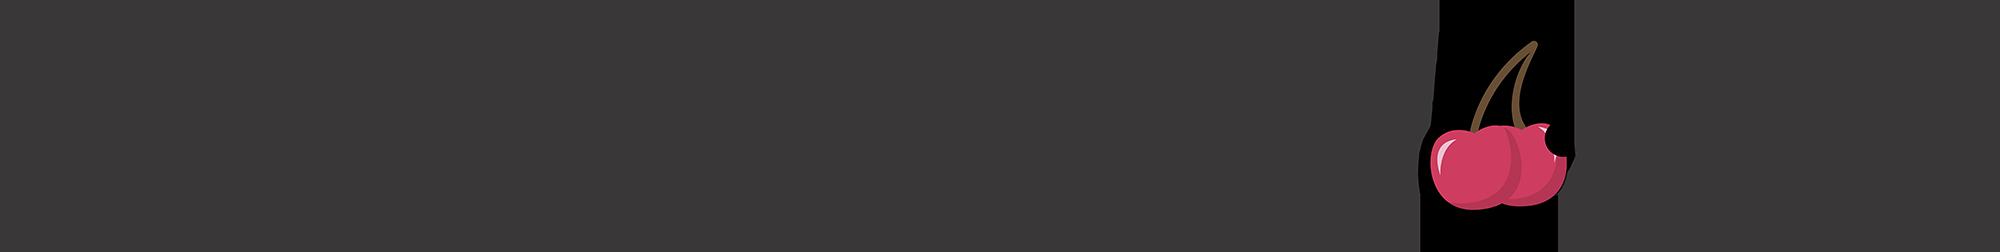 logo - Copia